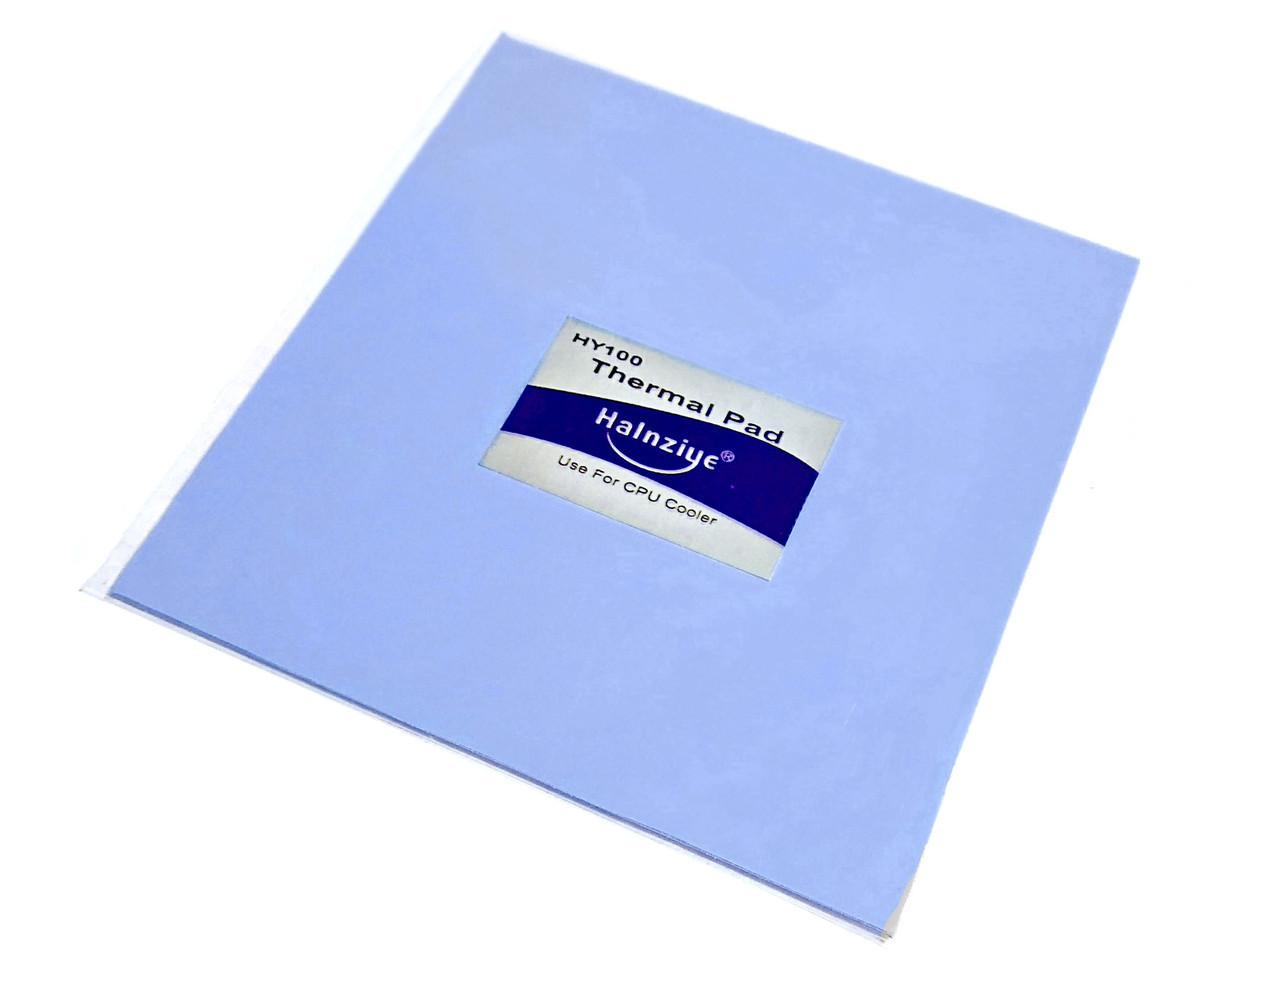 Термопрокладка Halnziye HC40 2.0мм 100х100 синяя 4 Вт/м*К термоинтерфейс для ноутбука (TPr-HC40)